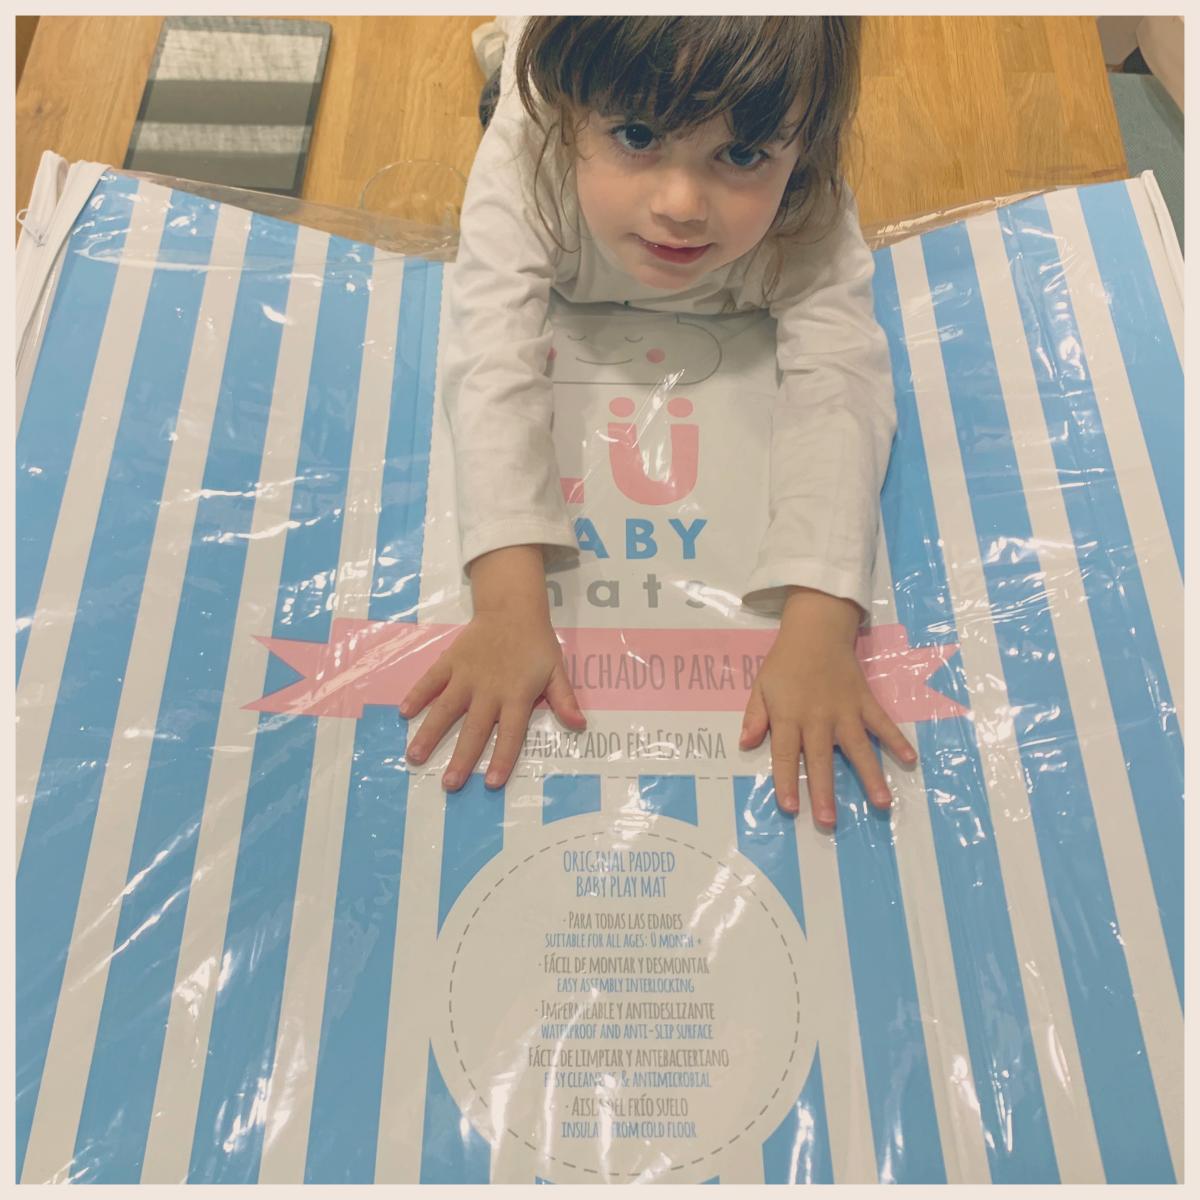 lü-baby-mats-alfombras-3, mar Vidal, la-casa-de-mar-orden-y-deco, Madresfera